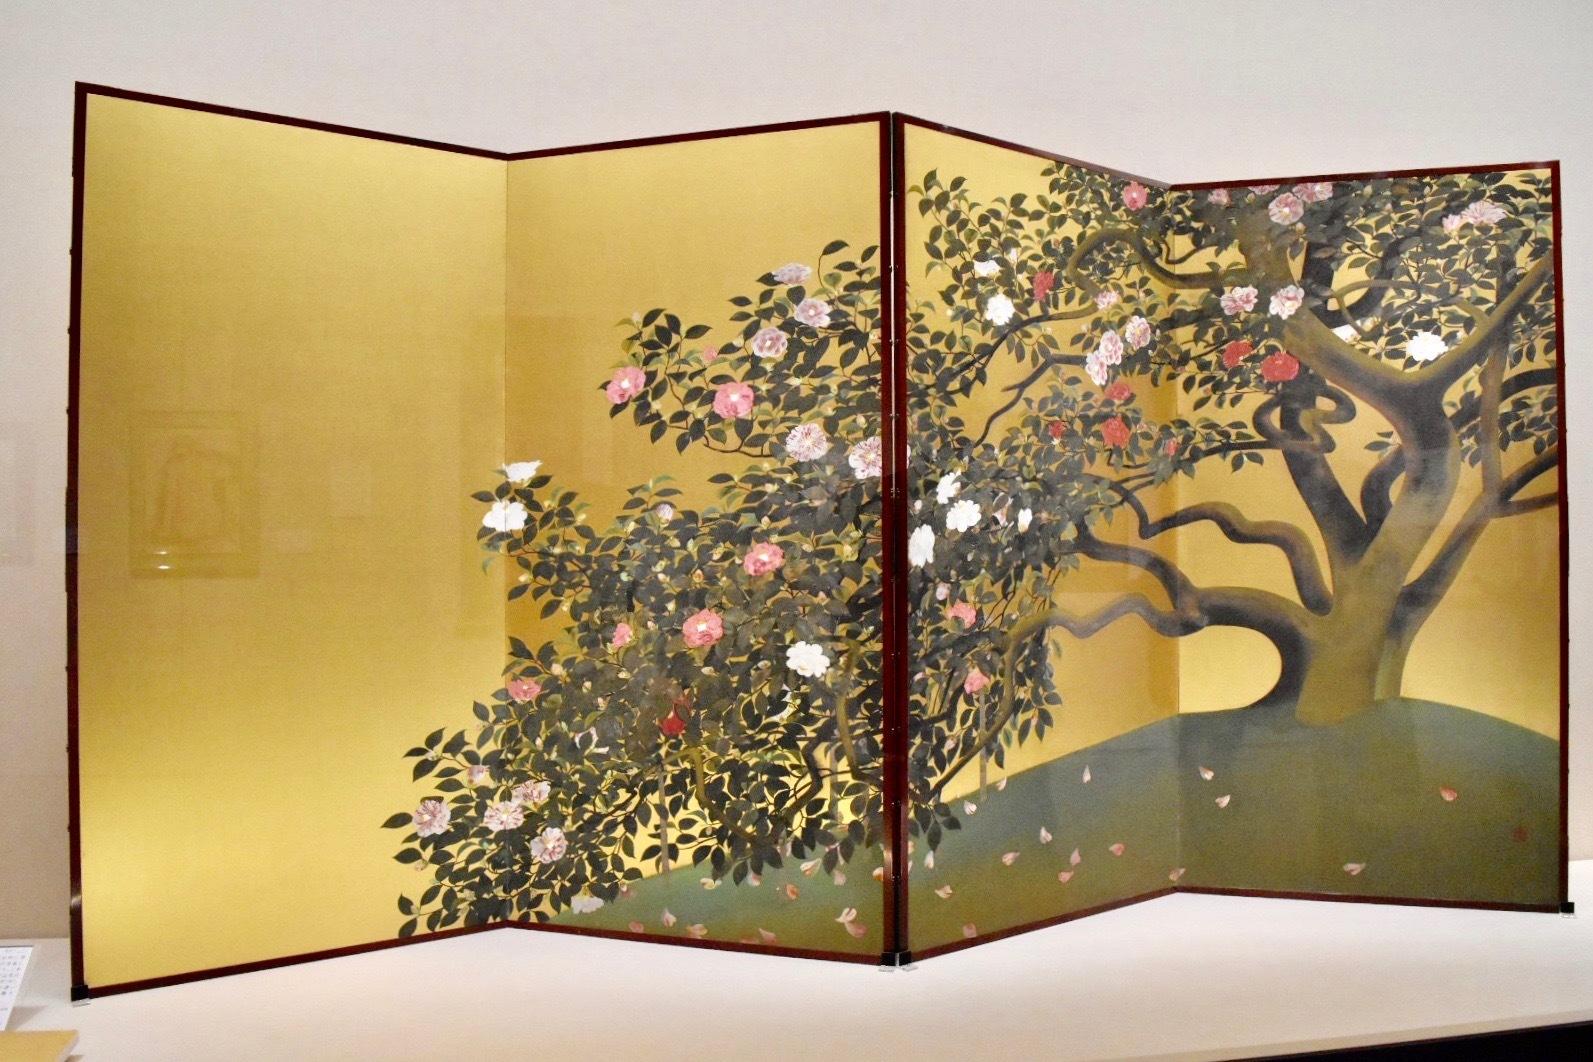 速水御舟 《名樹散椿》(重要文化財) 昭和4年 山種美術館蔵